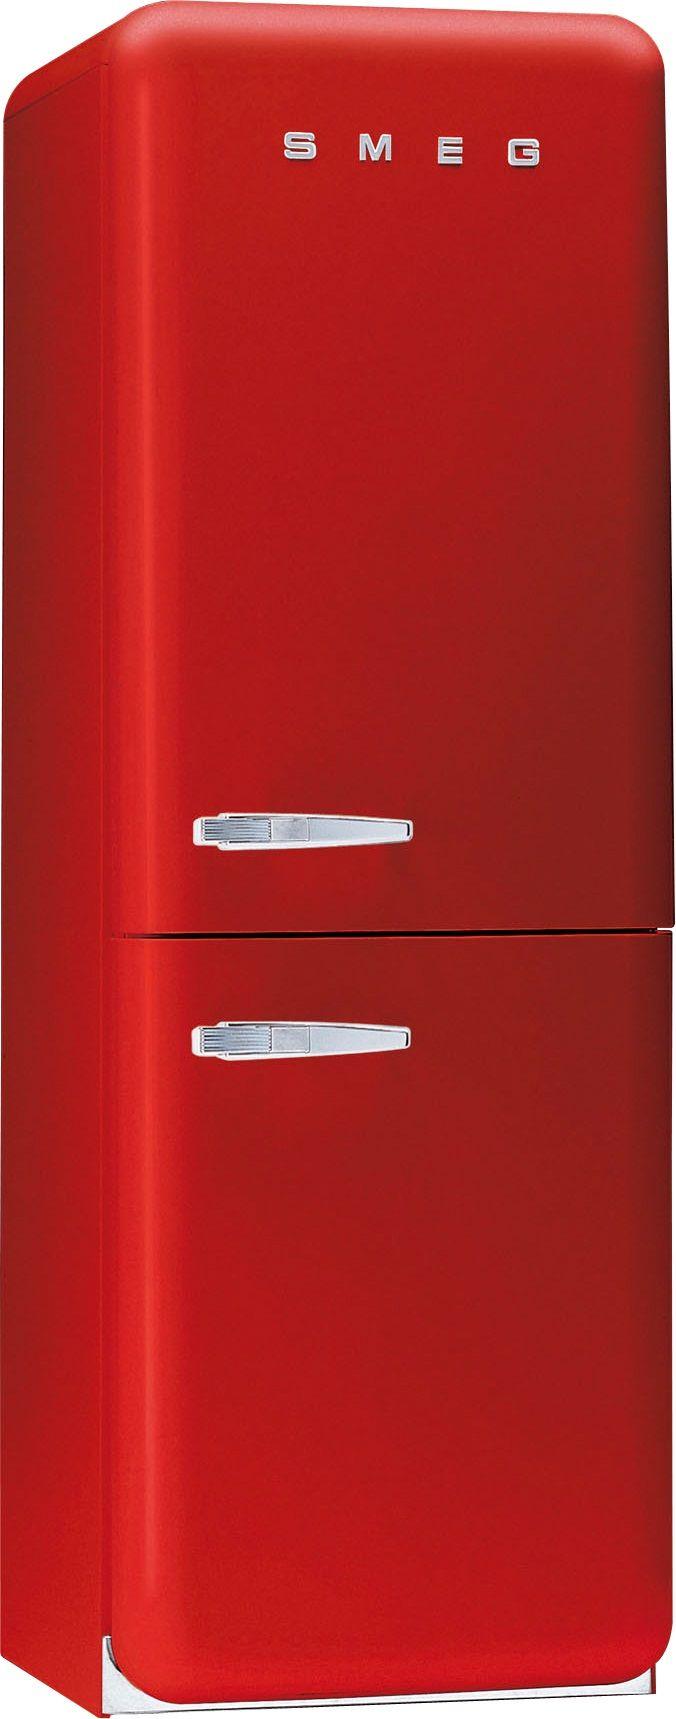 Kunststof Achterwand Keuken Kopen : Smeg Koelkast Keuken : Smeg Refrigerator Dream Home Pinterest